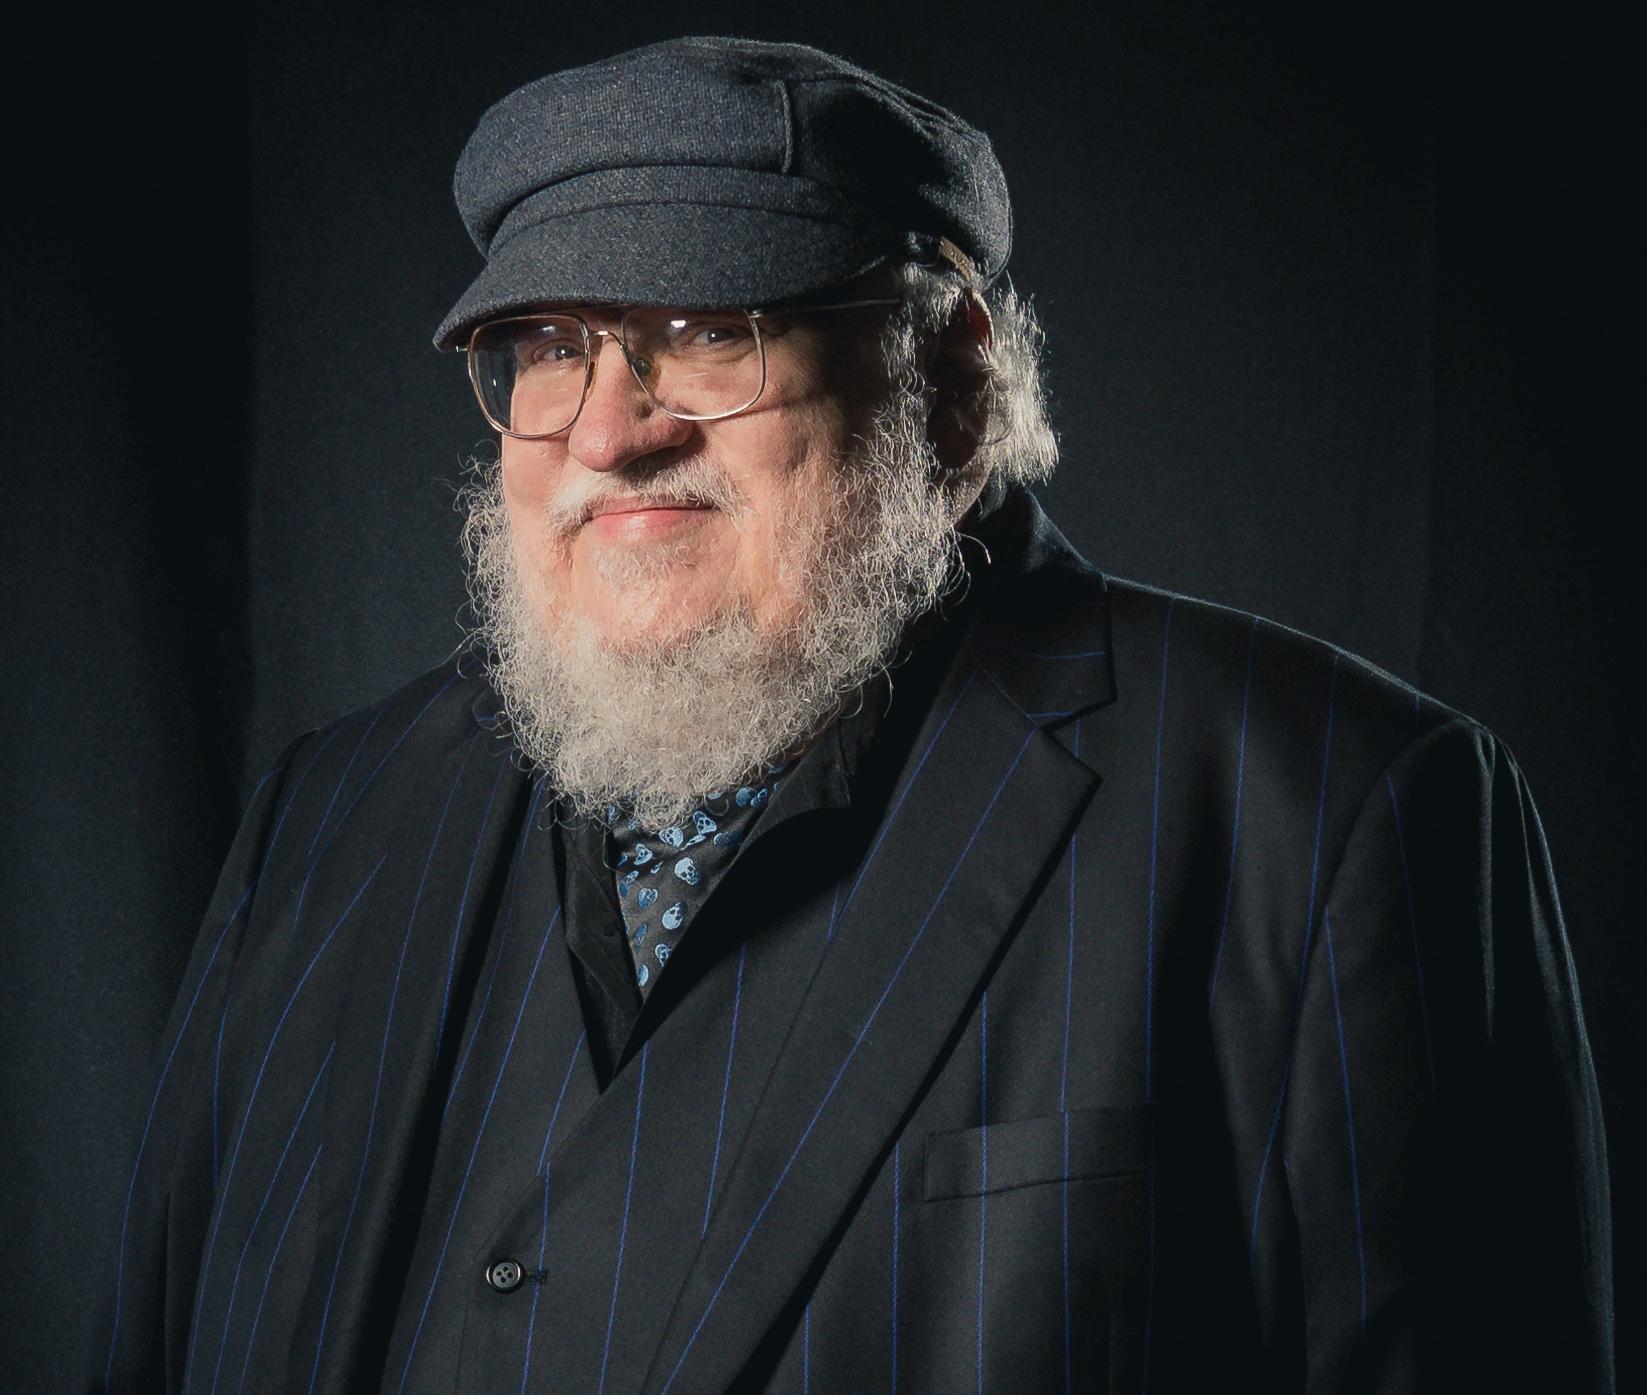 HBO annonce ne pas vouloir limiter l oeuvre de George RR Marin au seul Game Of Thrones et ne veut pas de sequel de GoT